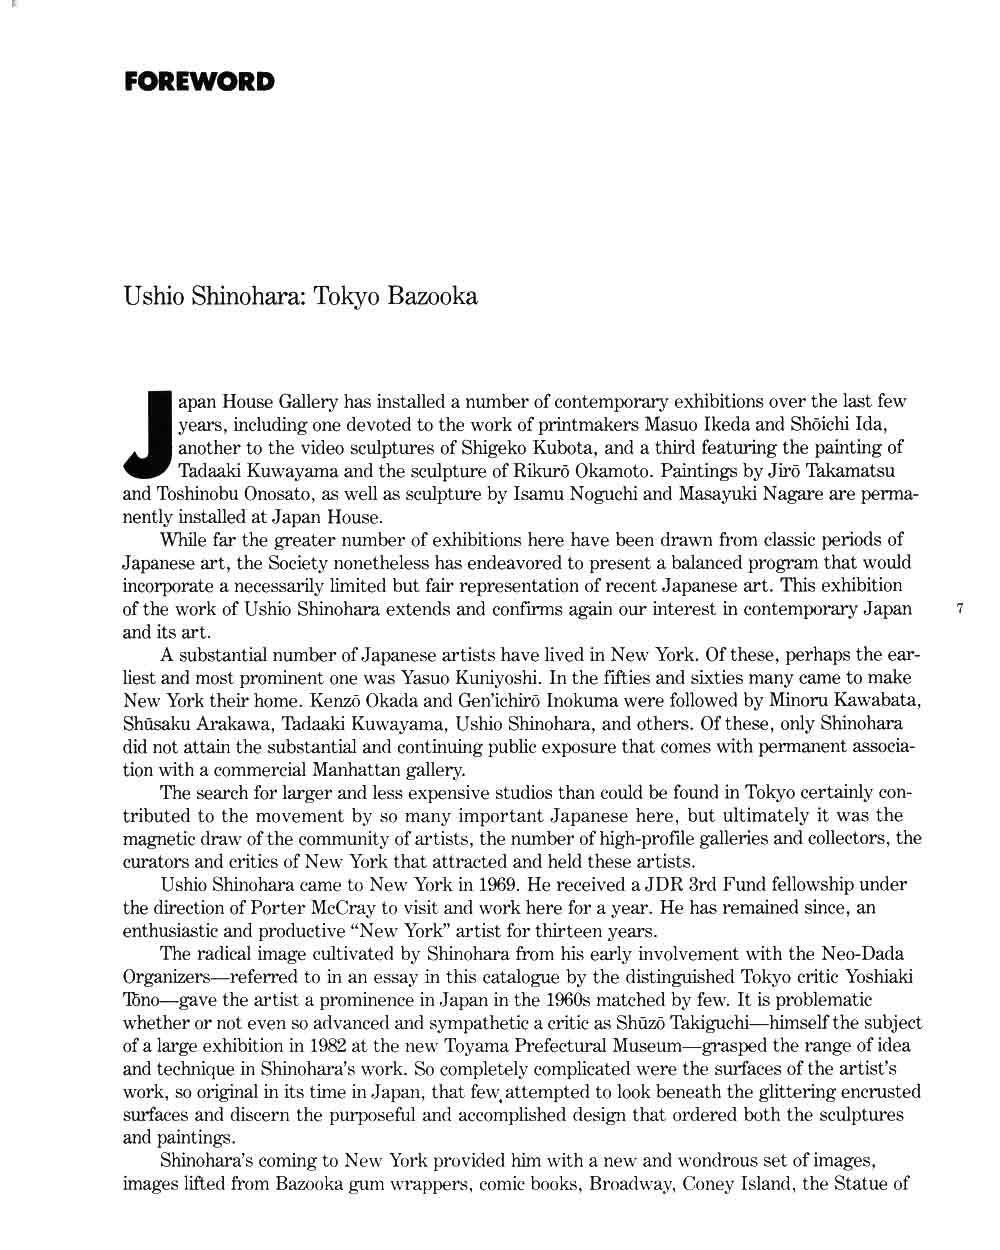 Ushio Shinohara: Tokyo Bazooka, essay, pg 1